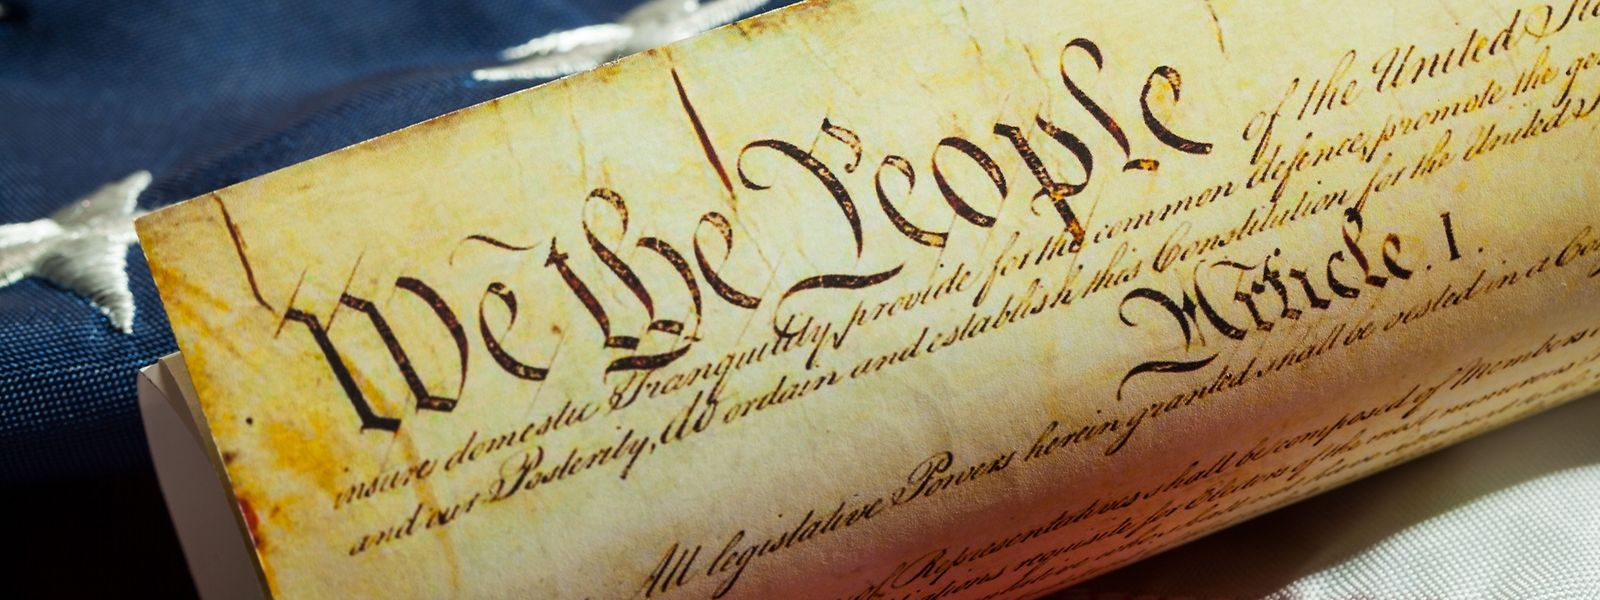 Sovereign Citizens glauben an die Verfassung. Aber nur an die eigene Interpretation davon.